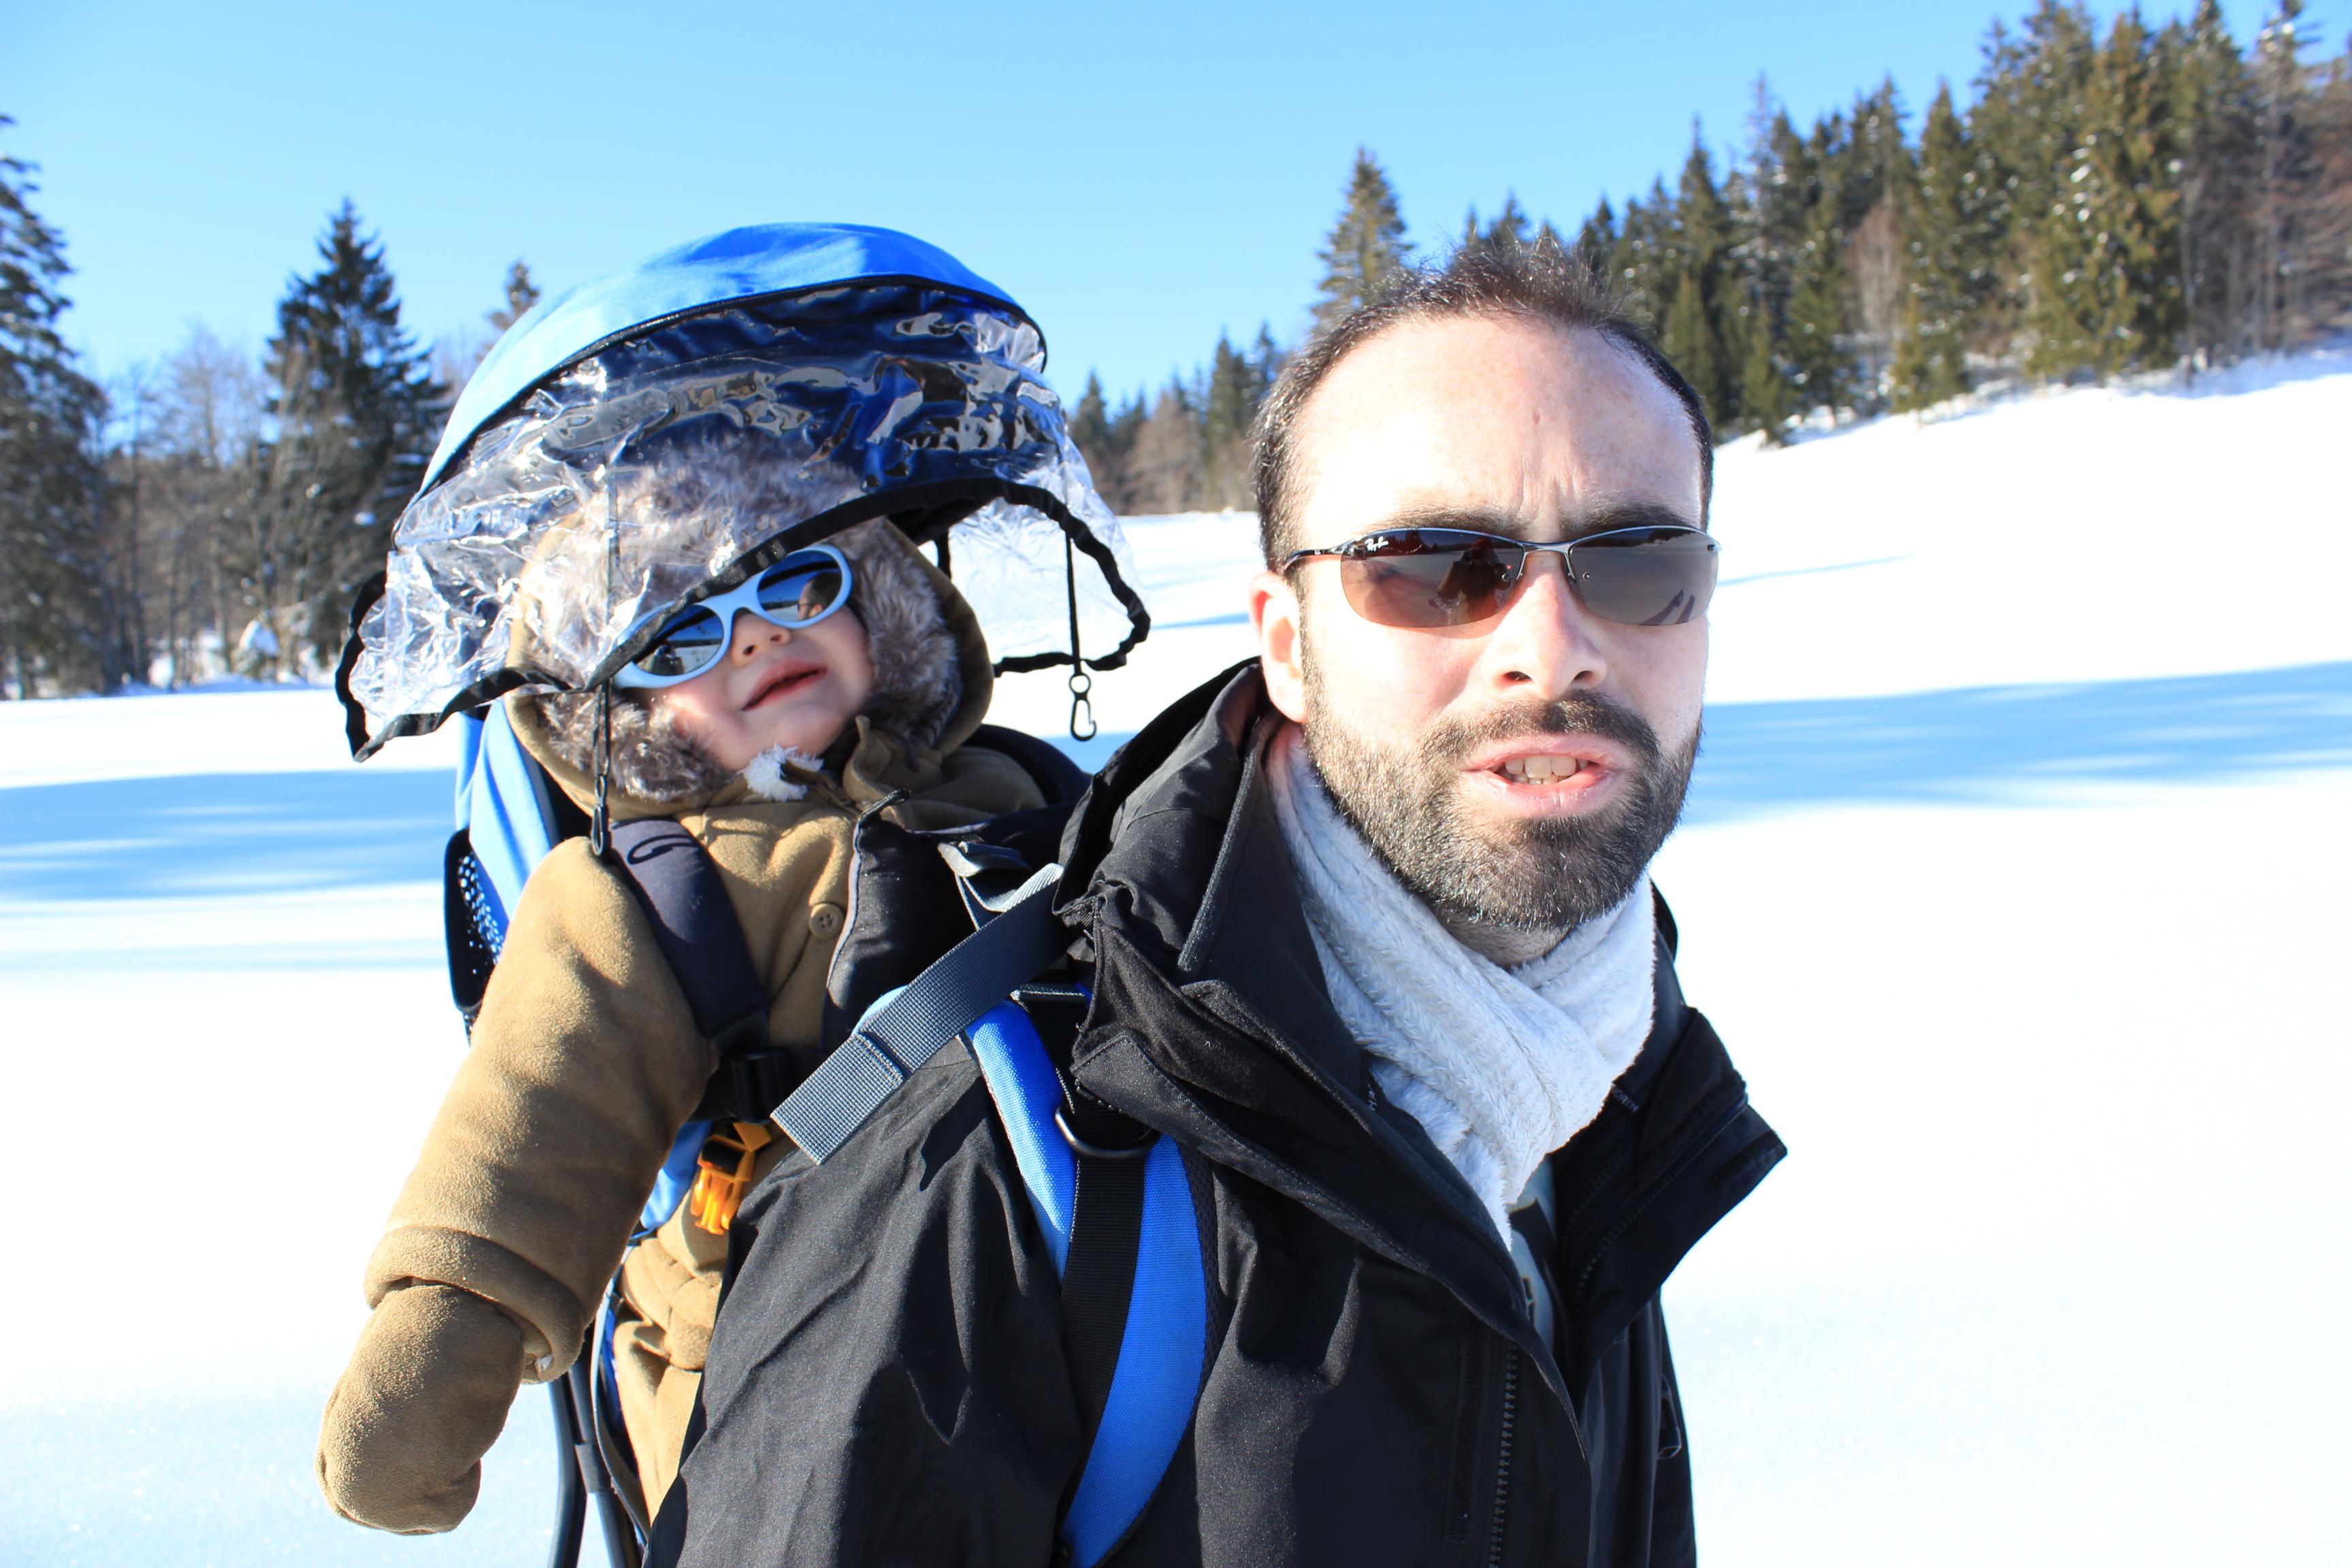 e6b54446da48 Bébé et jeunes enfants par grand froid   Carnets Nordiques